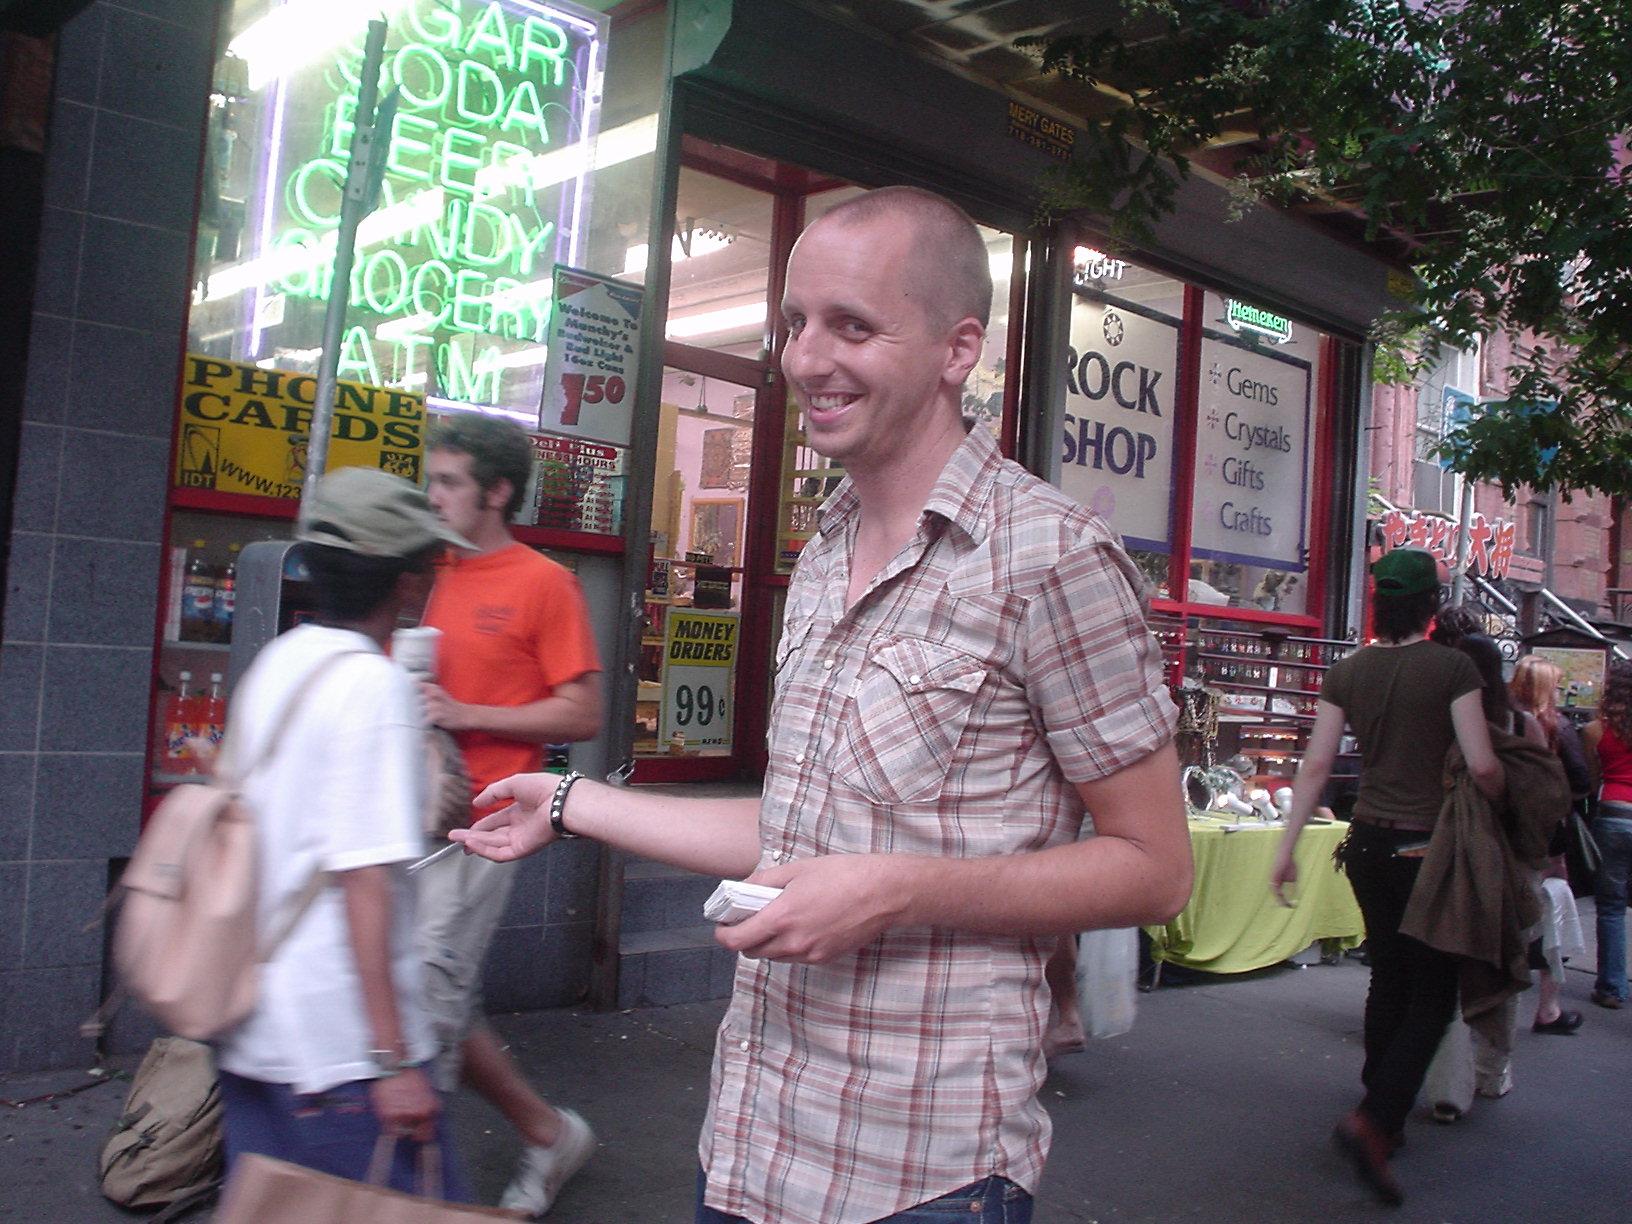 Normal Bob distributing GOD IS FAKE flyers on Saint Marks